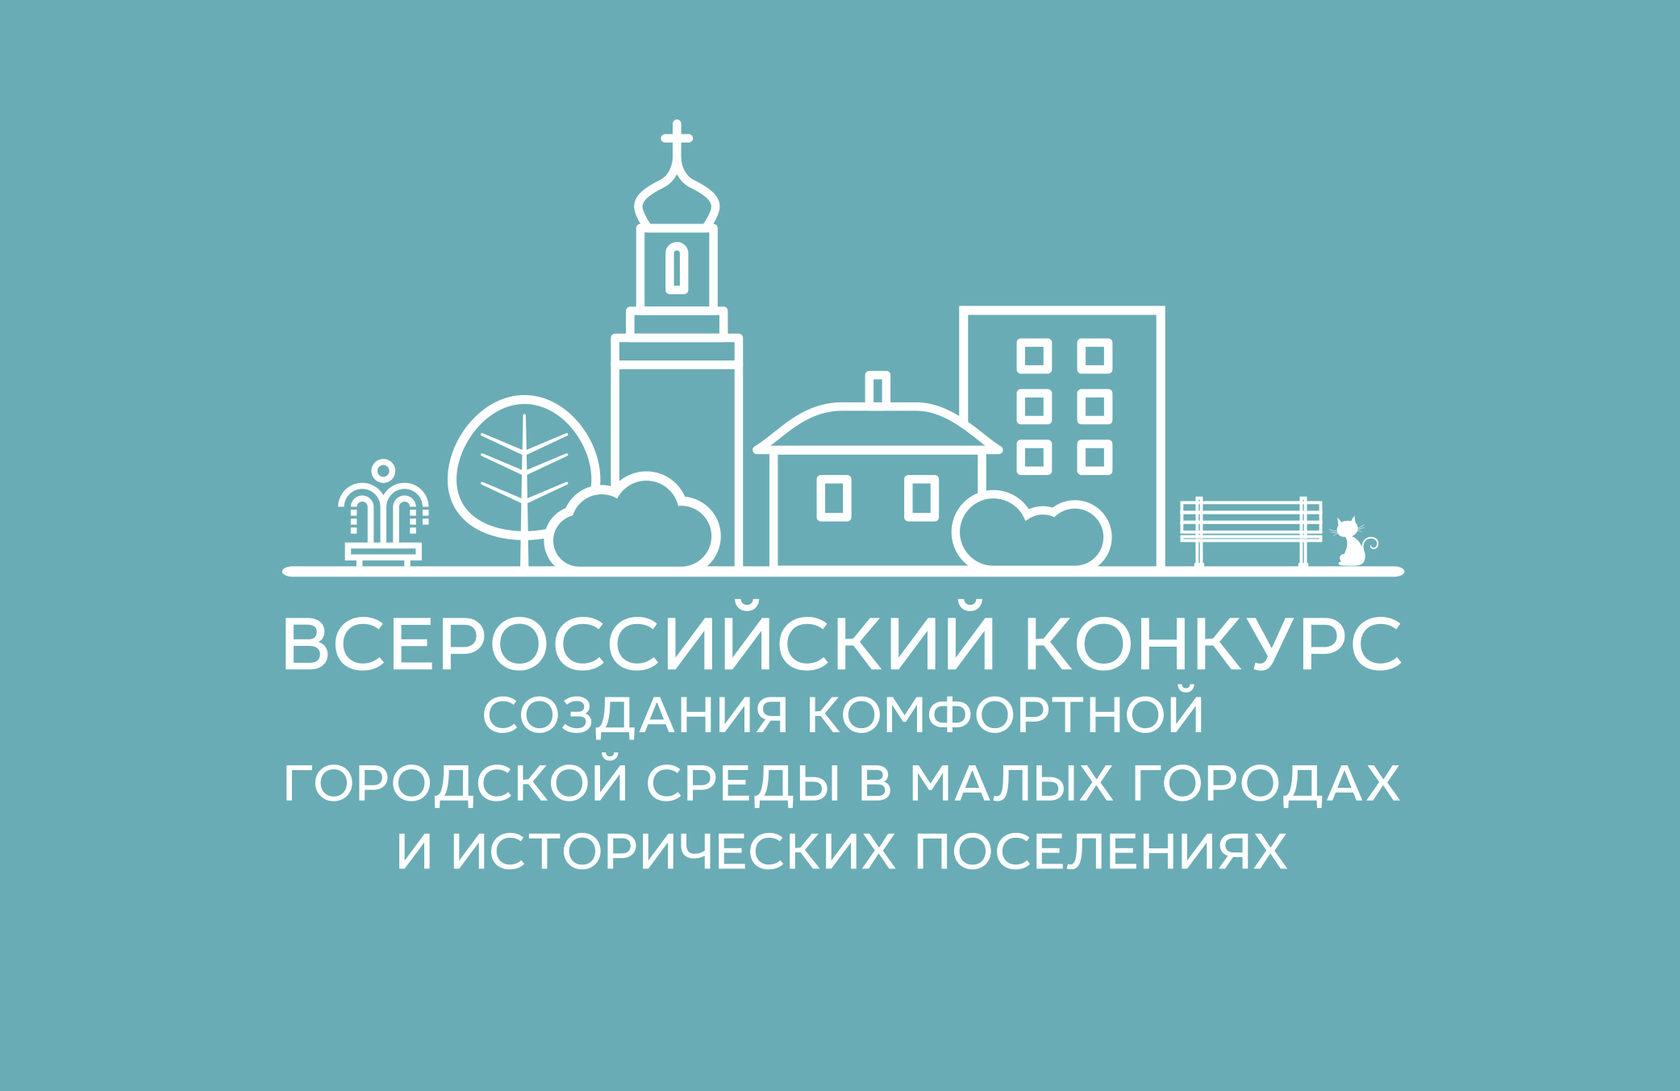 Села и города Дагестана могут получить гранты на развитие своих территорий